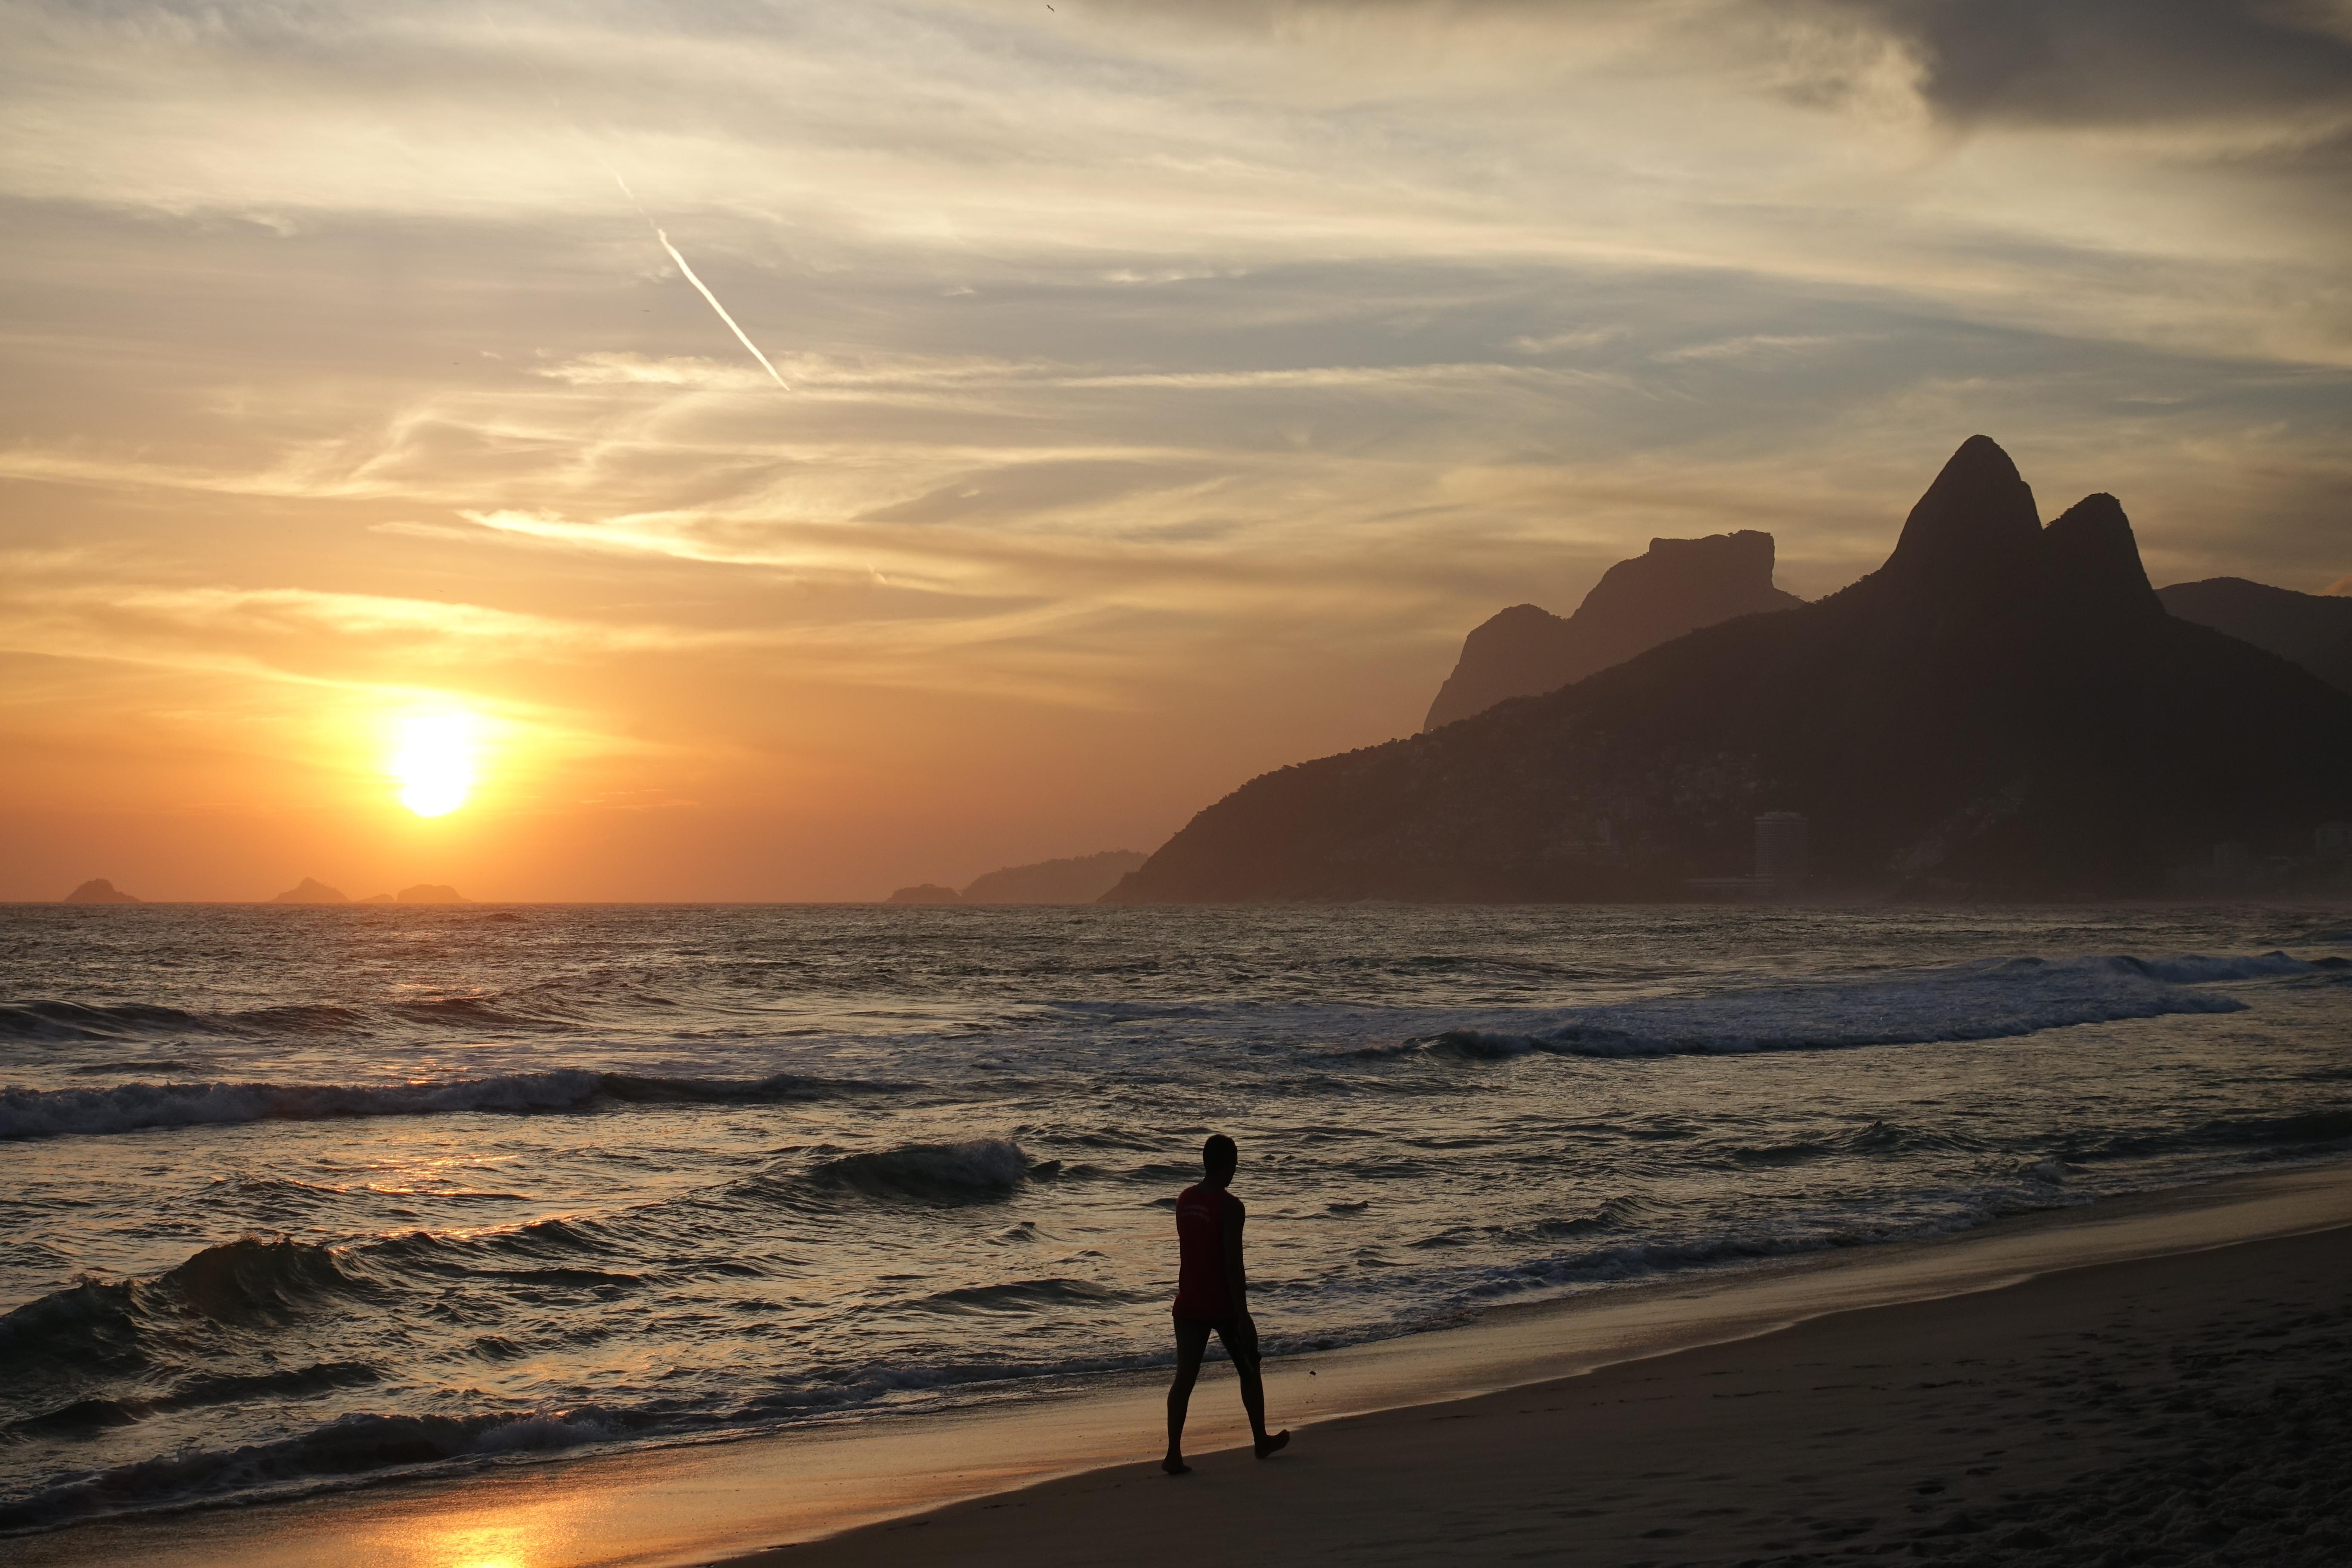 Rio de Janeiro - Arpoador